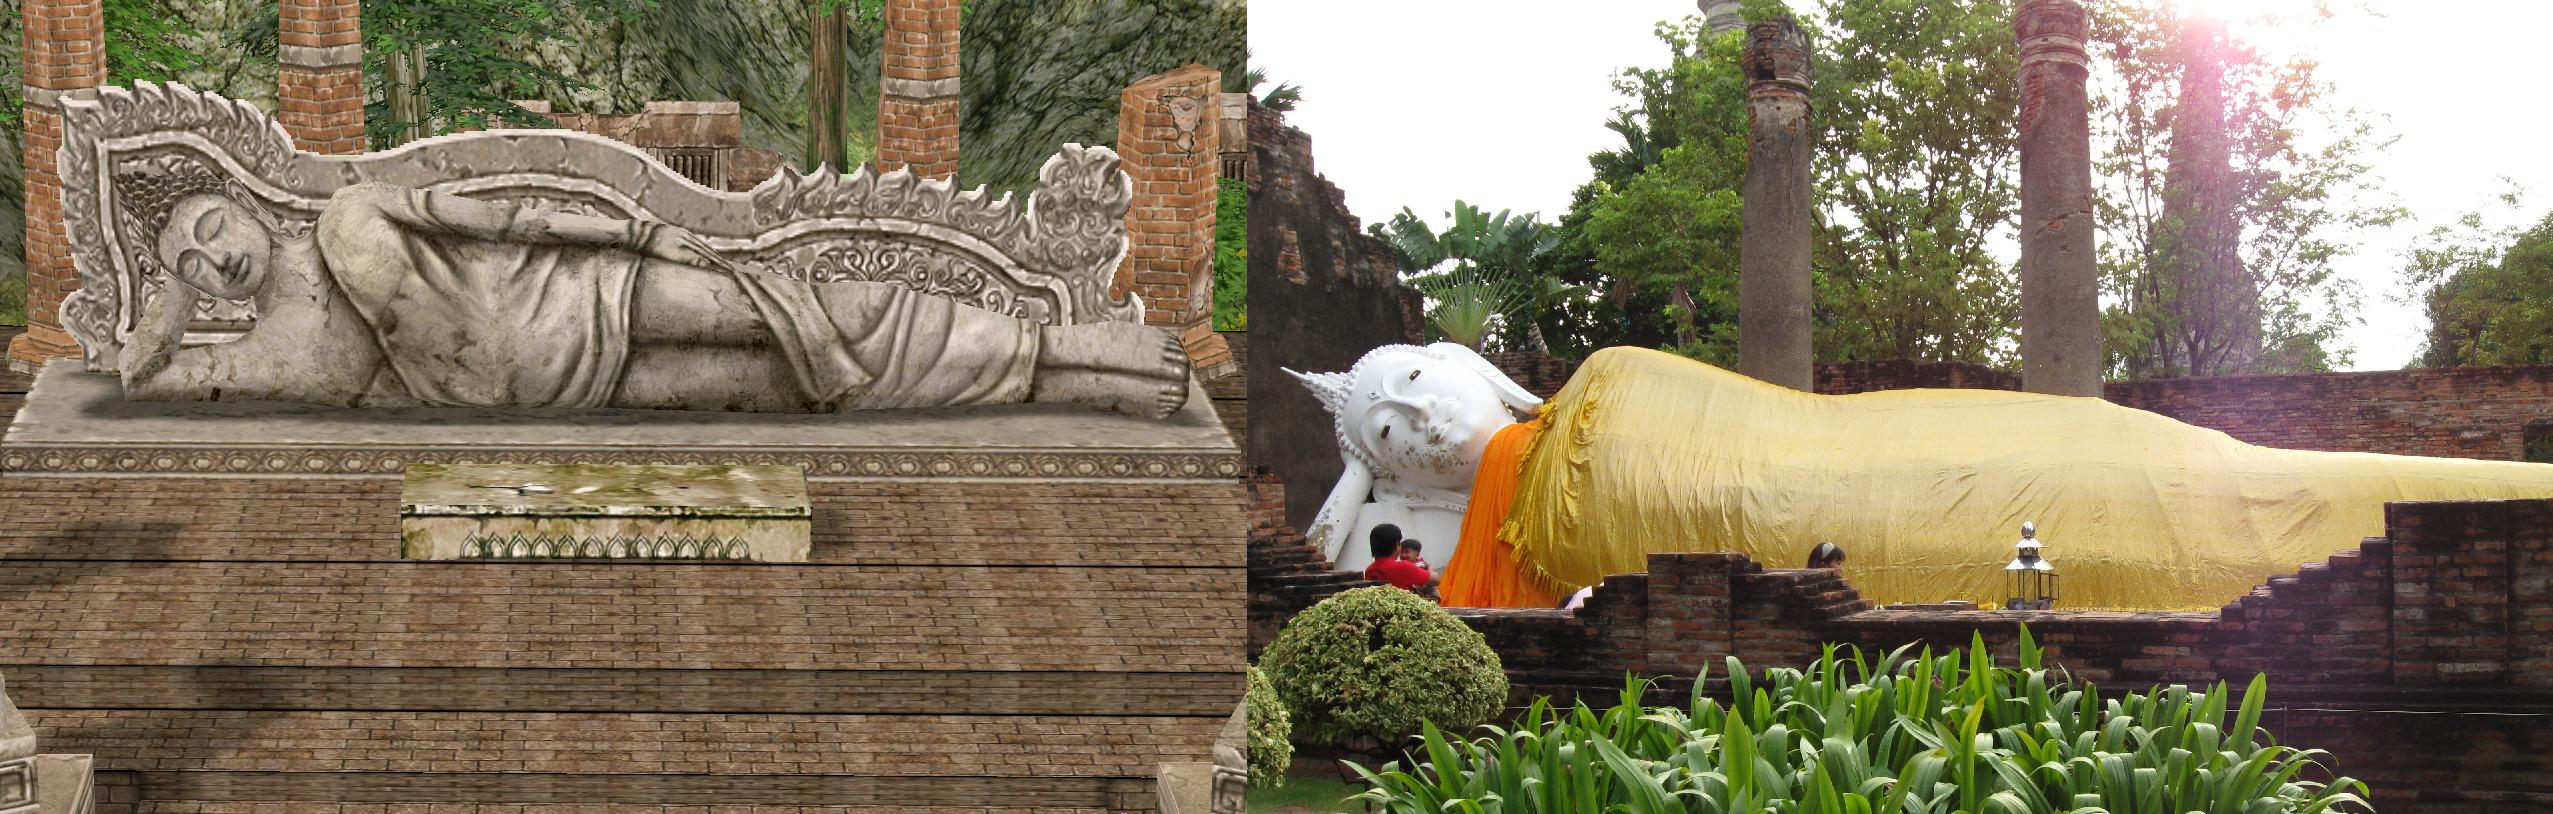 ayothaya_wat_ruins___reclining_buddha_by